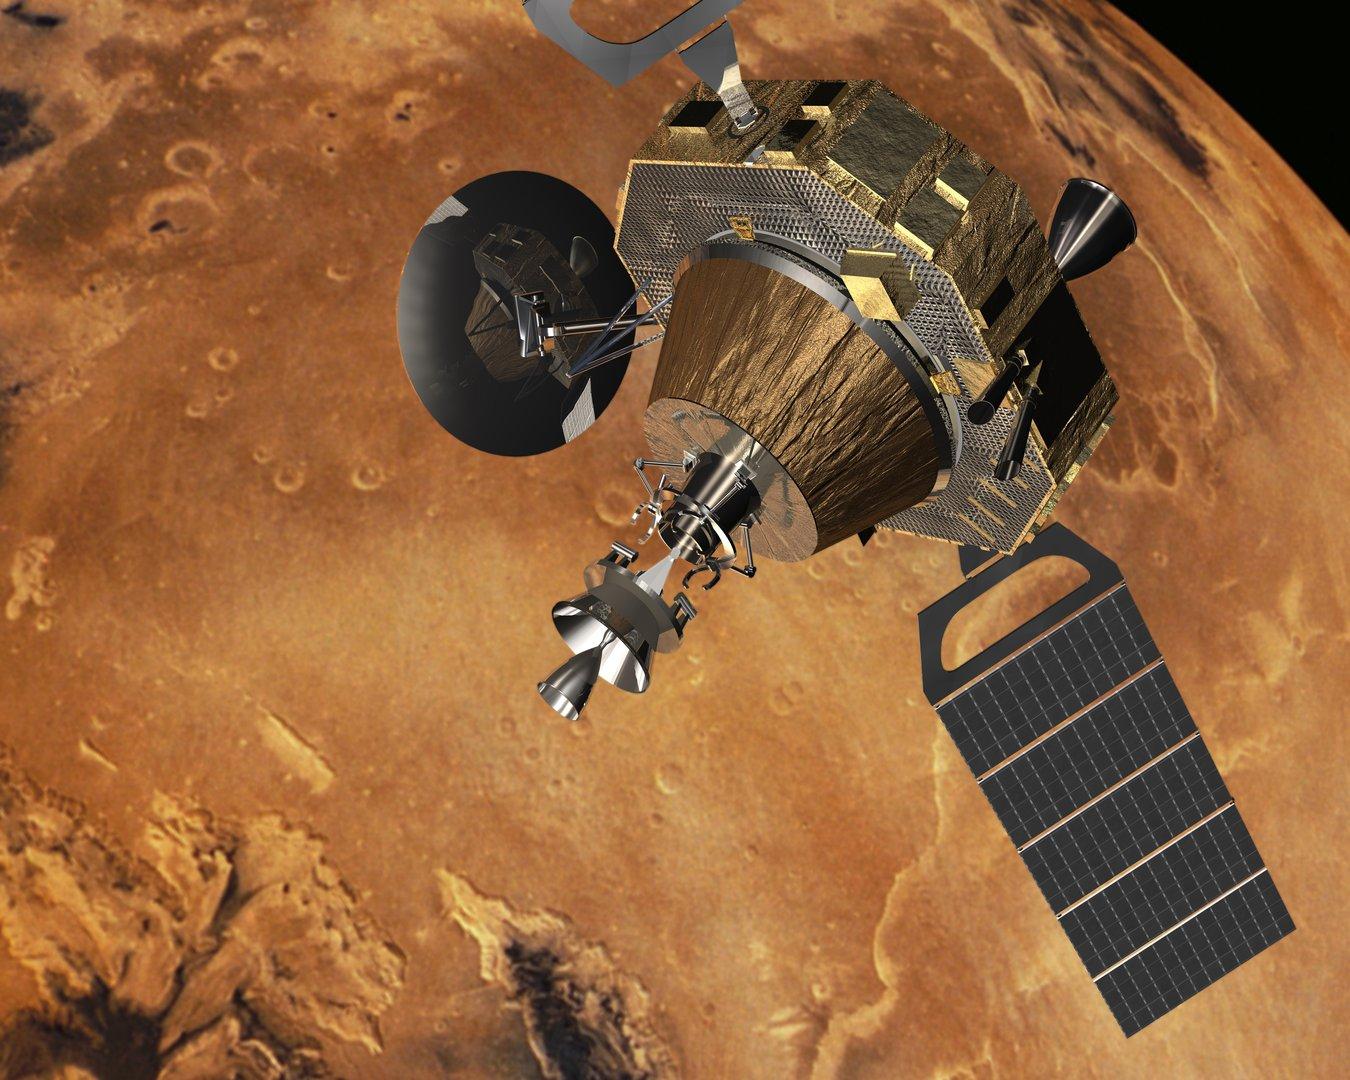 باستخدام خوذة دارث فيدر.. هكذا ستتمكن ناسا من جلب العينات المريخية